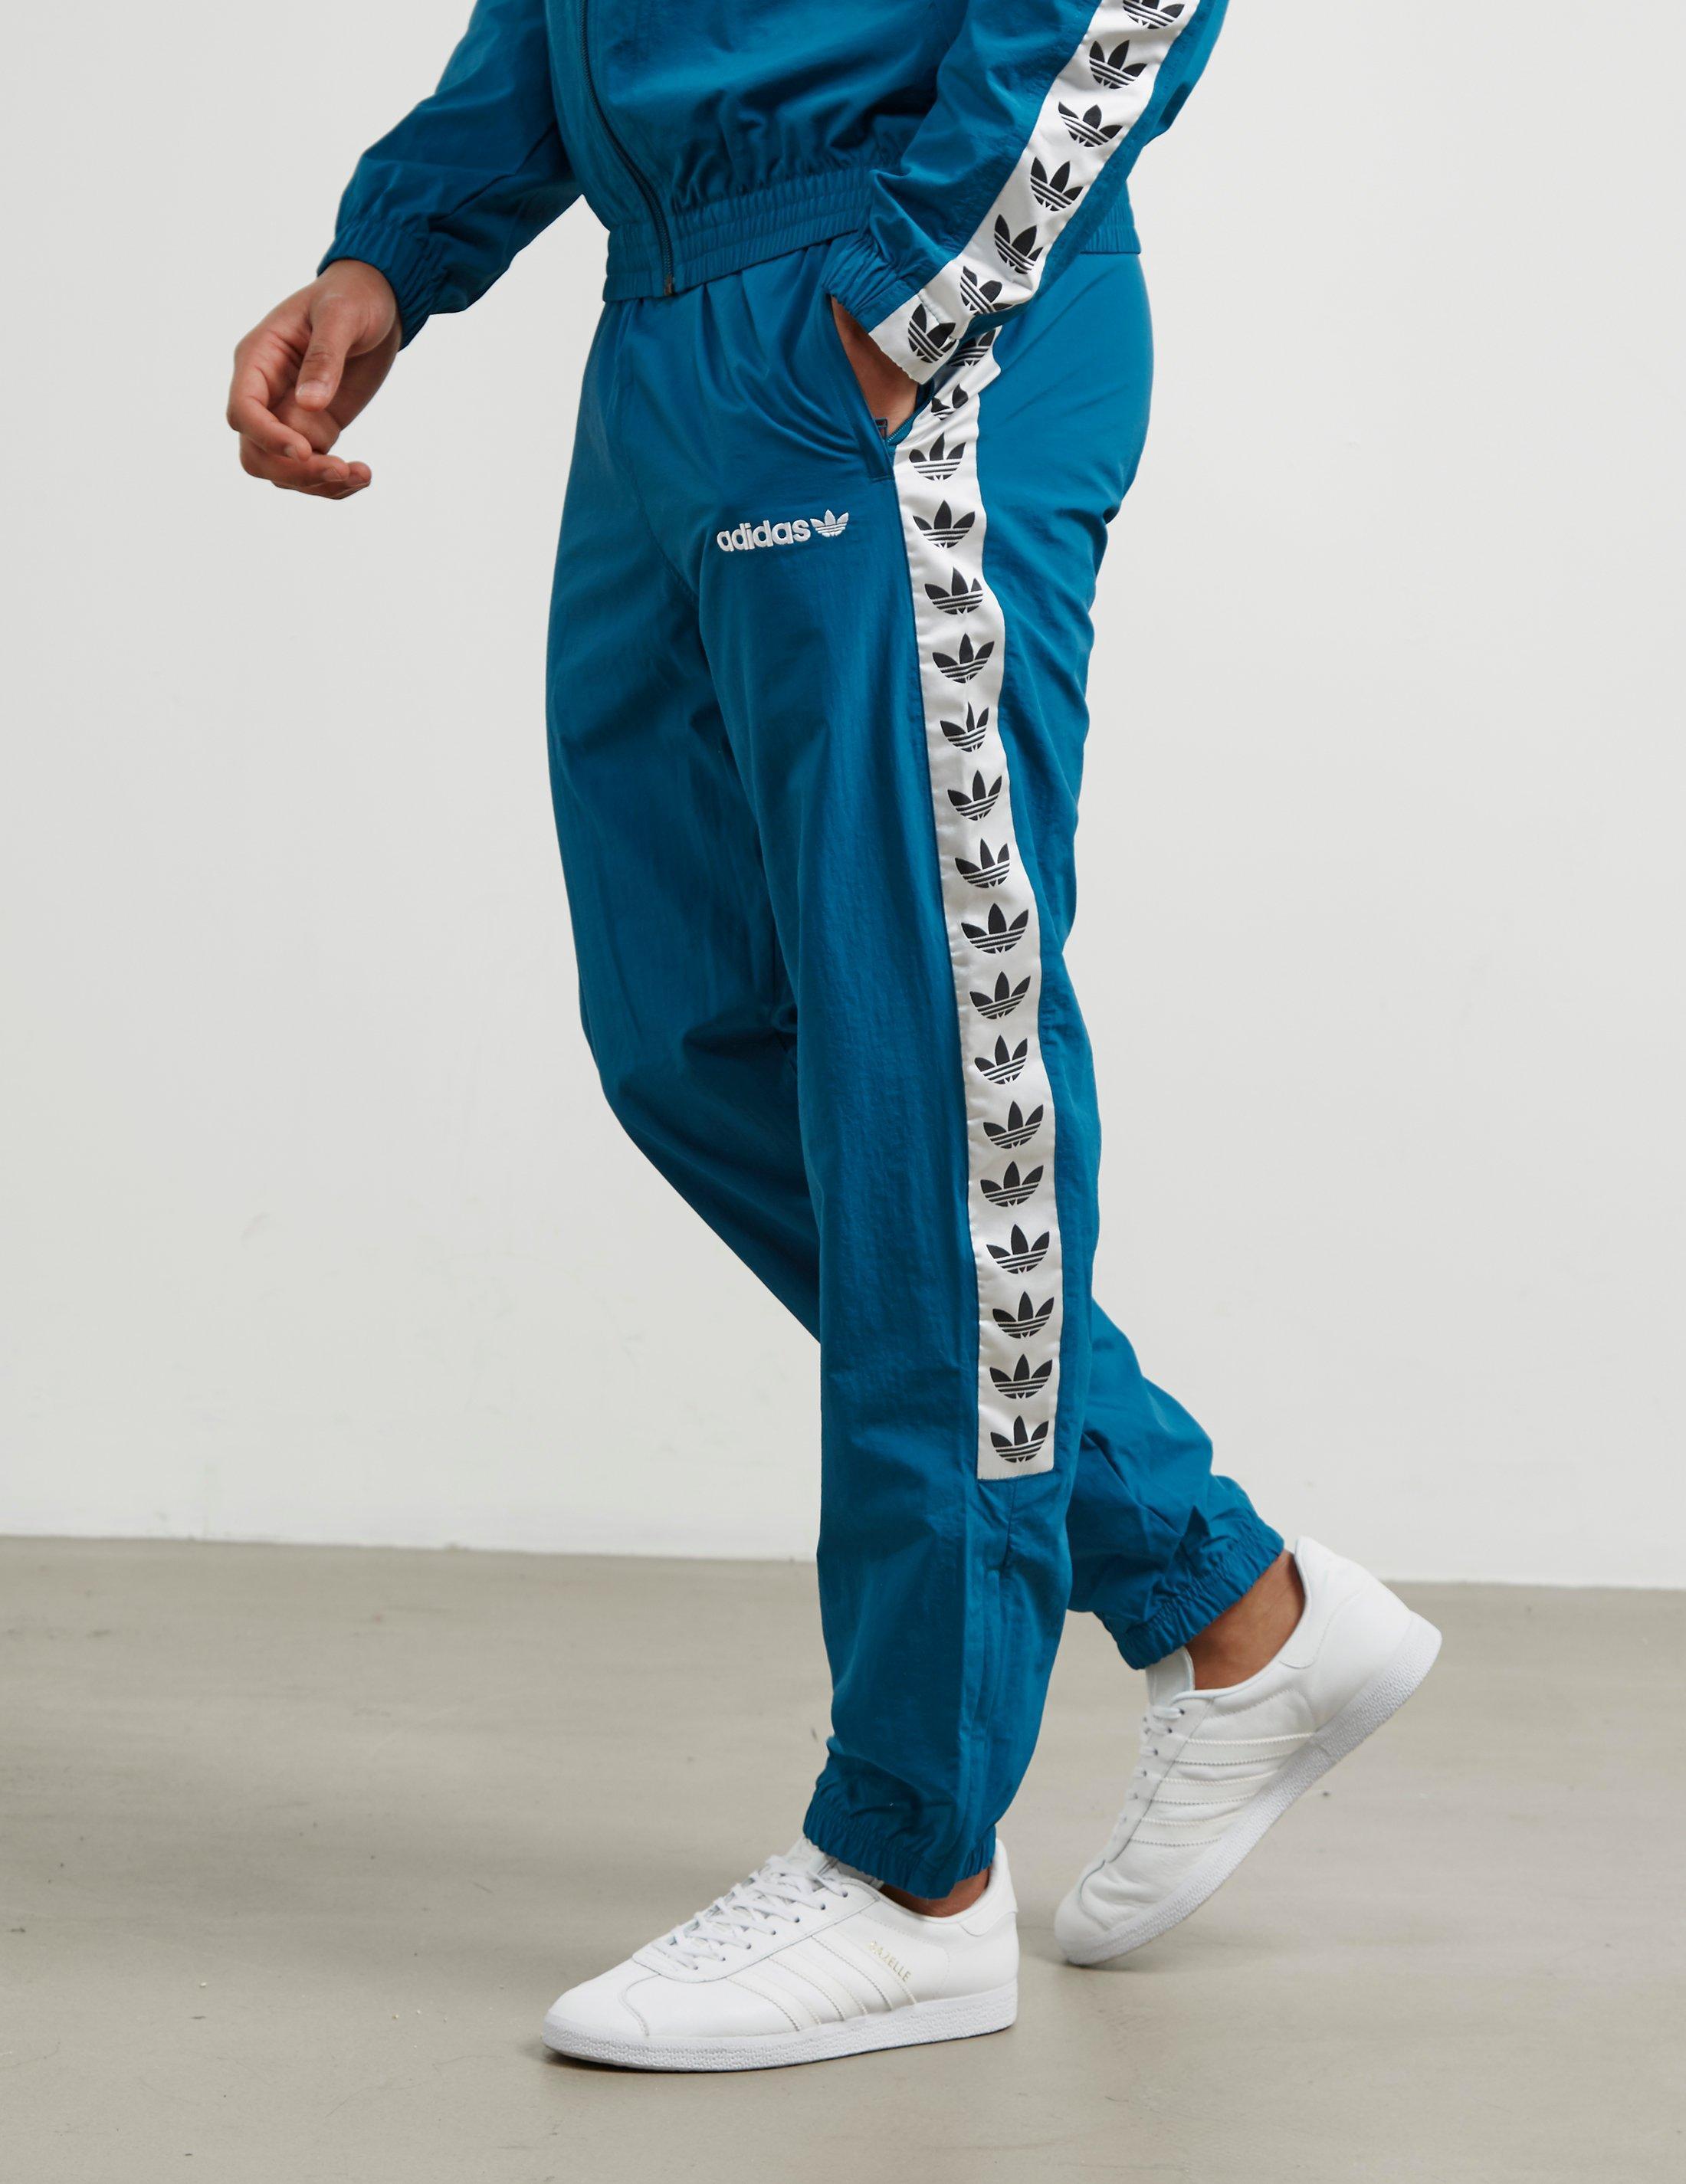 ADIDAS ORIGINALS MEN'S ORIGINALS ID96 TRACK PANTS, BLUE